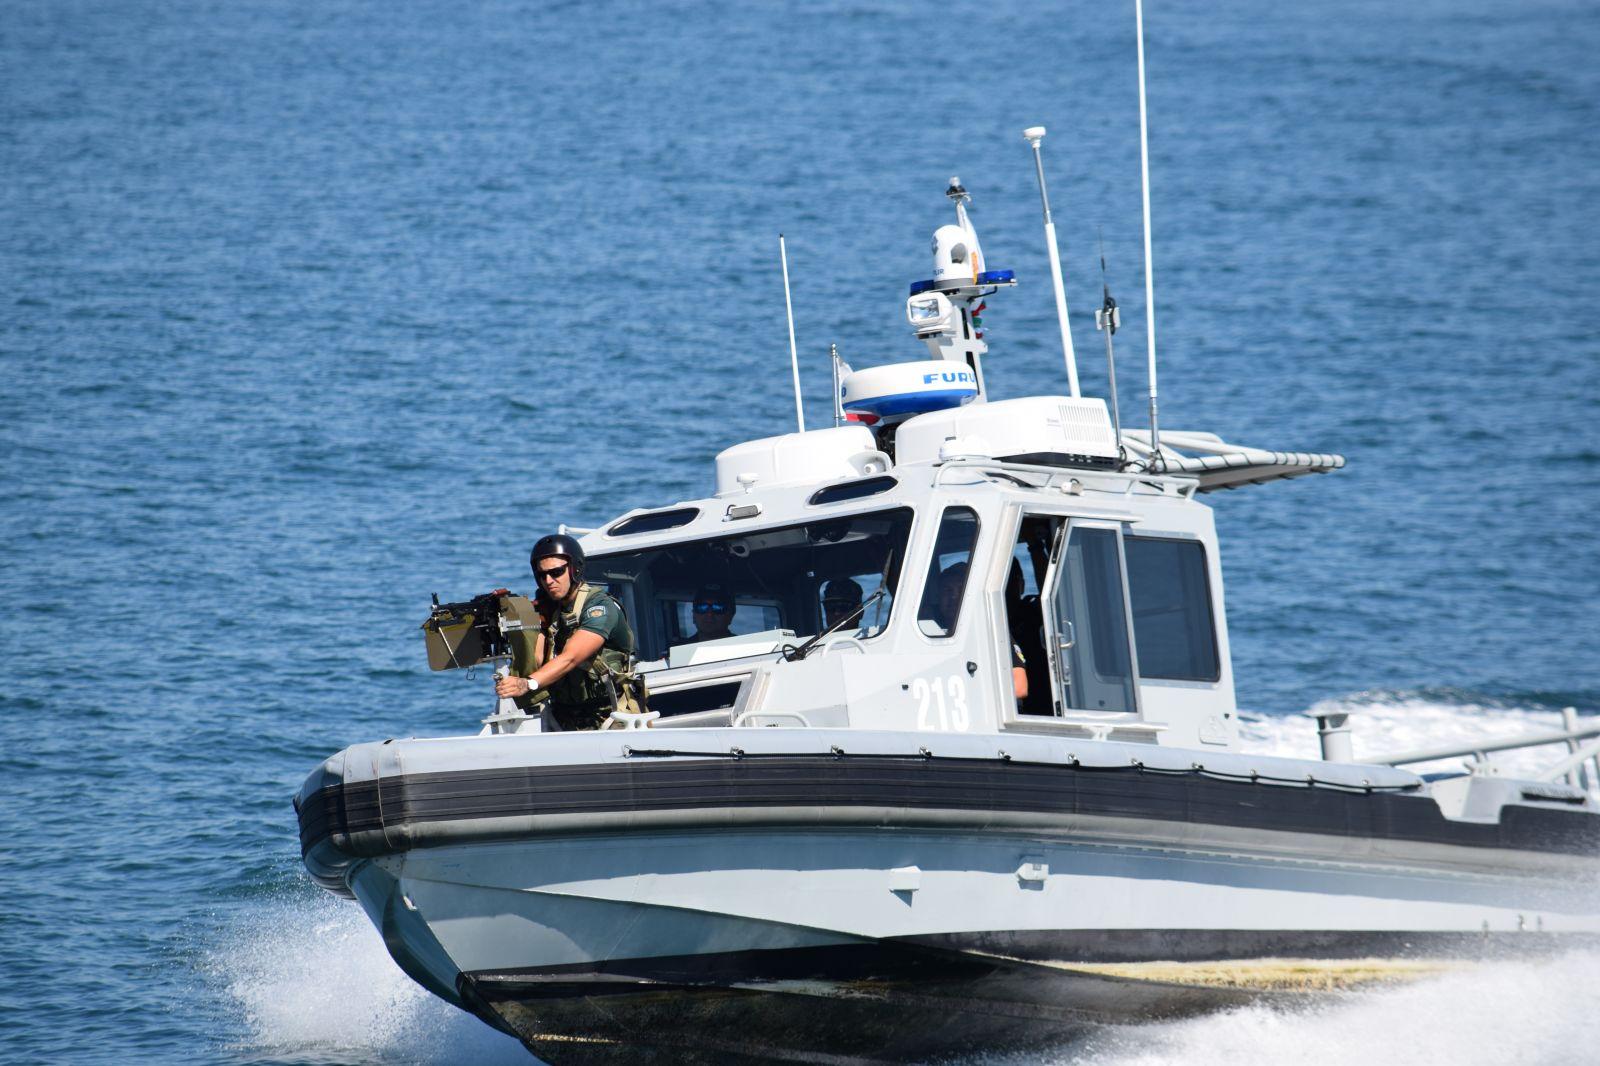 Учението Бриз 2021 - Епизоди 4 и 5 - ЩУРМОВИК СУ-25 или отразяване на атаките на надводен и въздушен противник (ГОЛЯМА ДИНАМИЧНА ГАЛЕРИЯ)